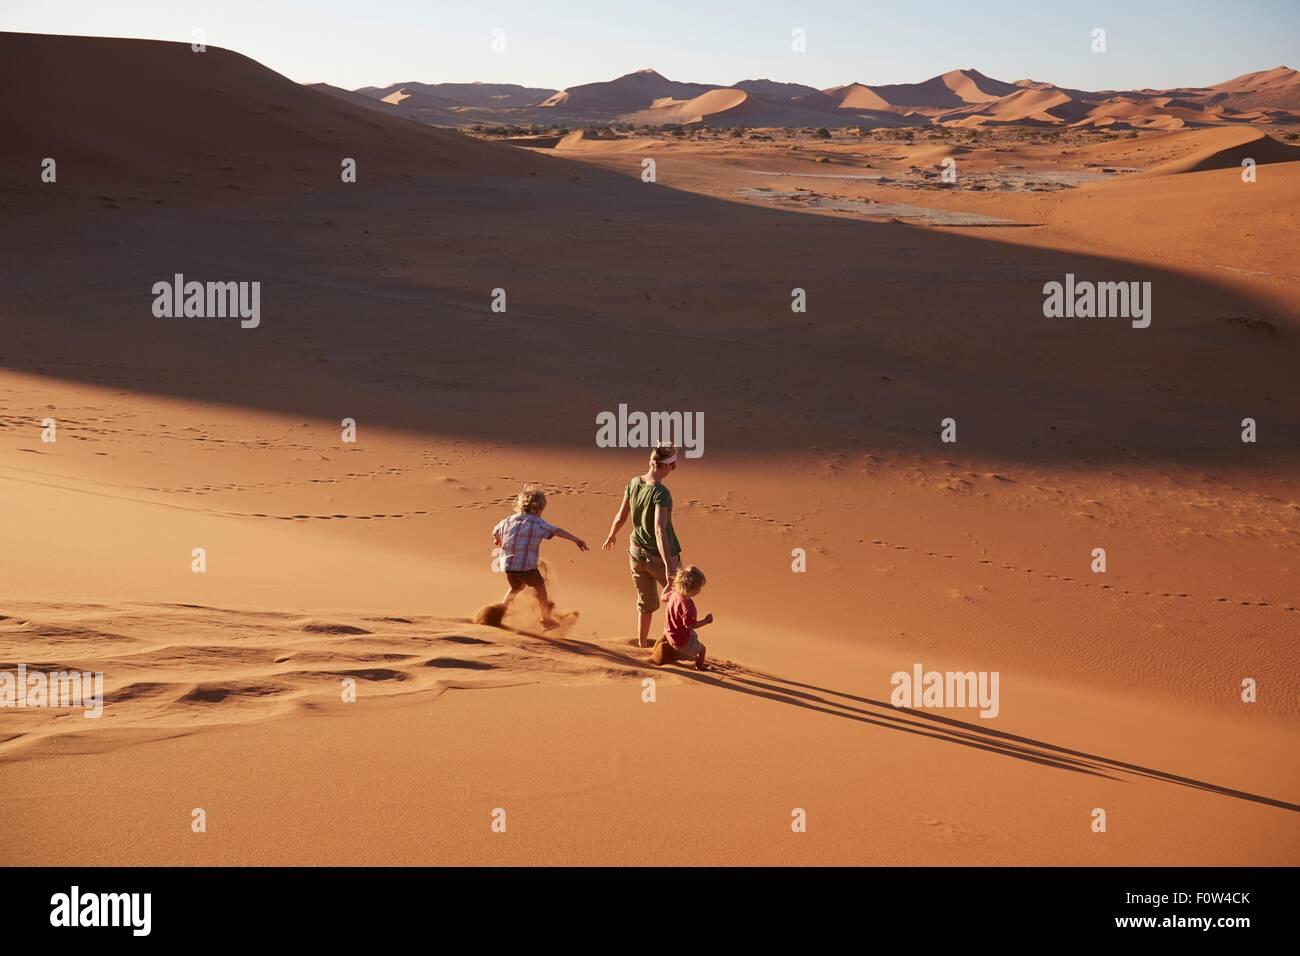 Mère et fils marche sur dune de sable, le Parc National Namib Naukluft, Désert du Namib, Sossusvlei, Dead Photo Stock